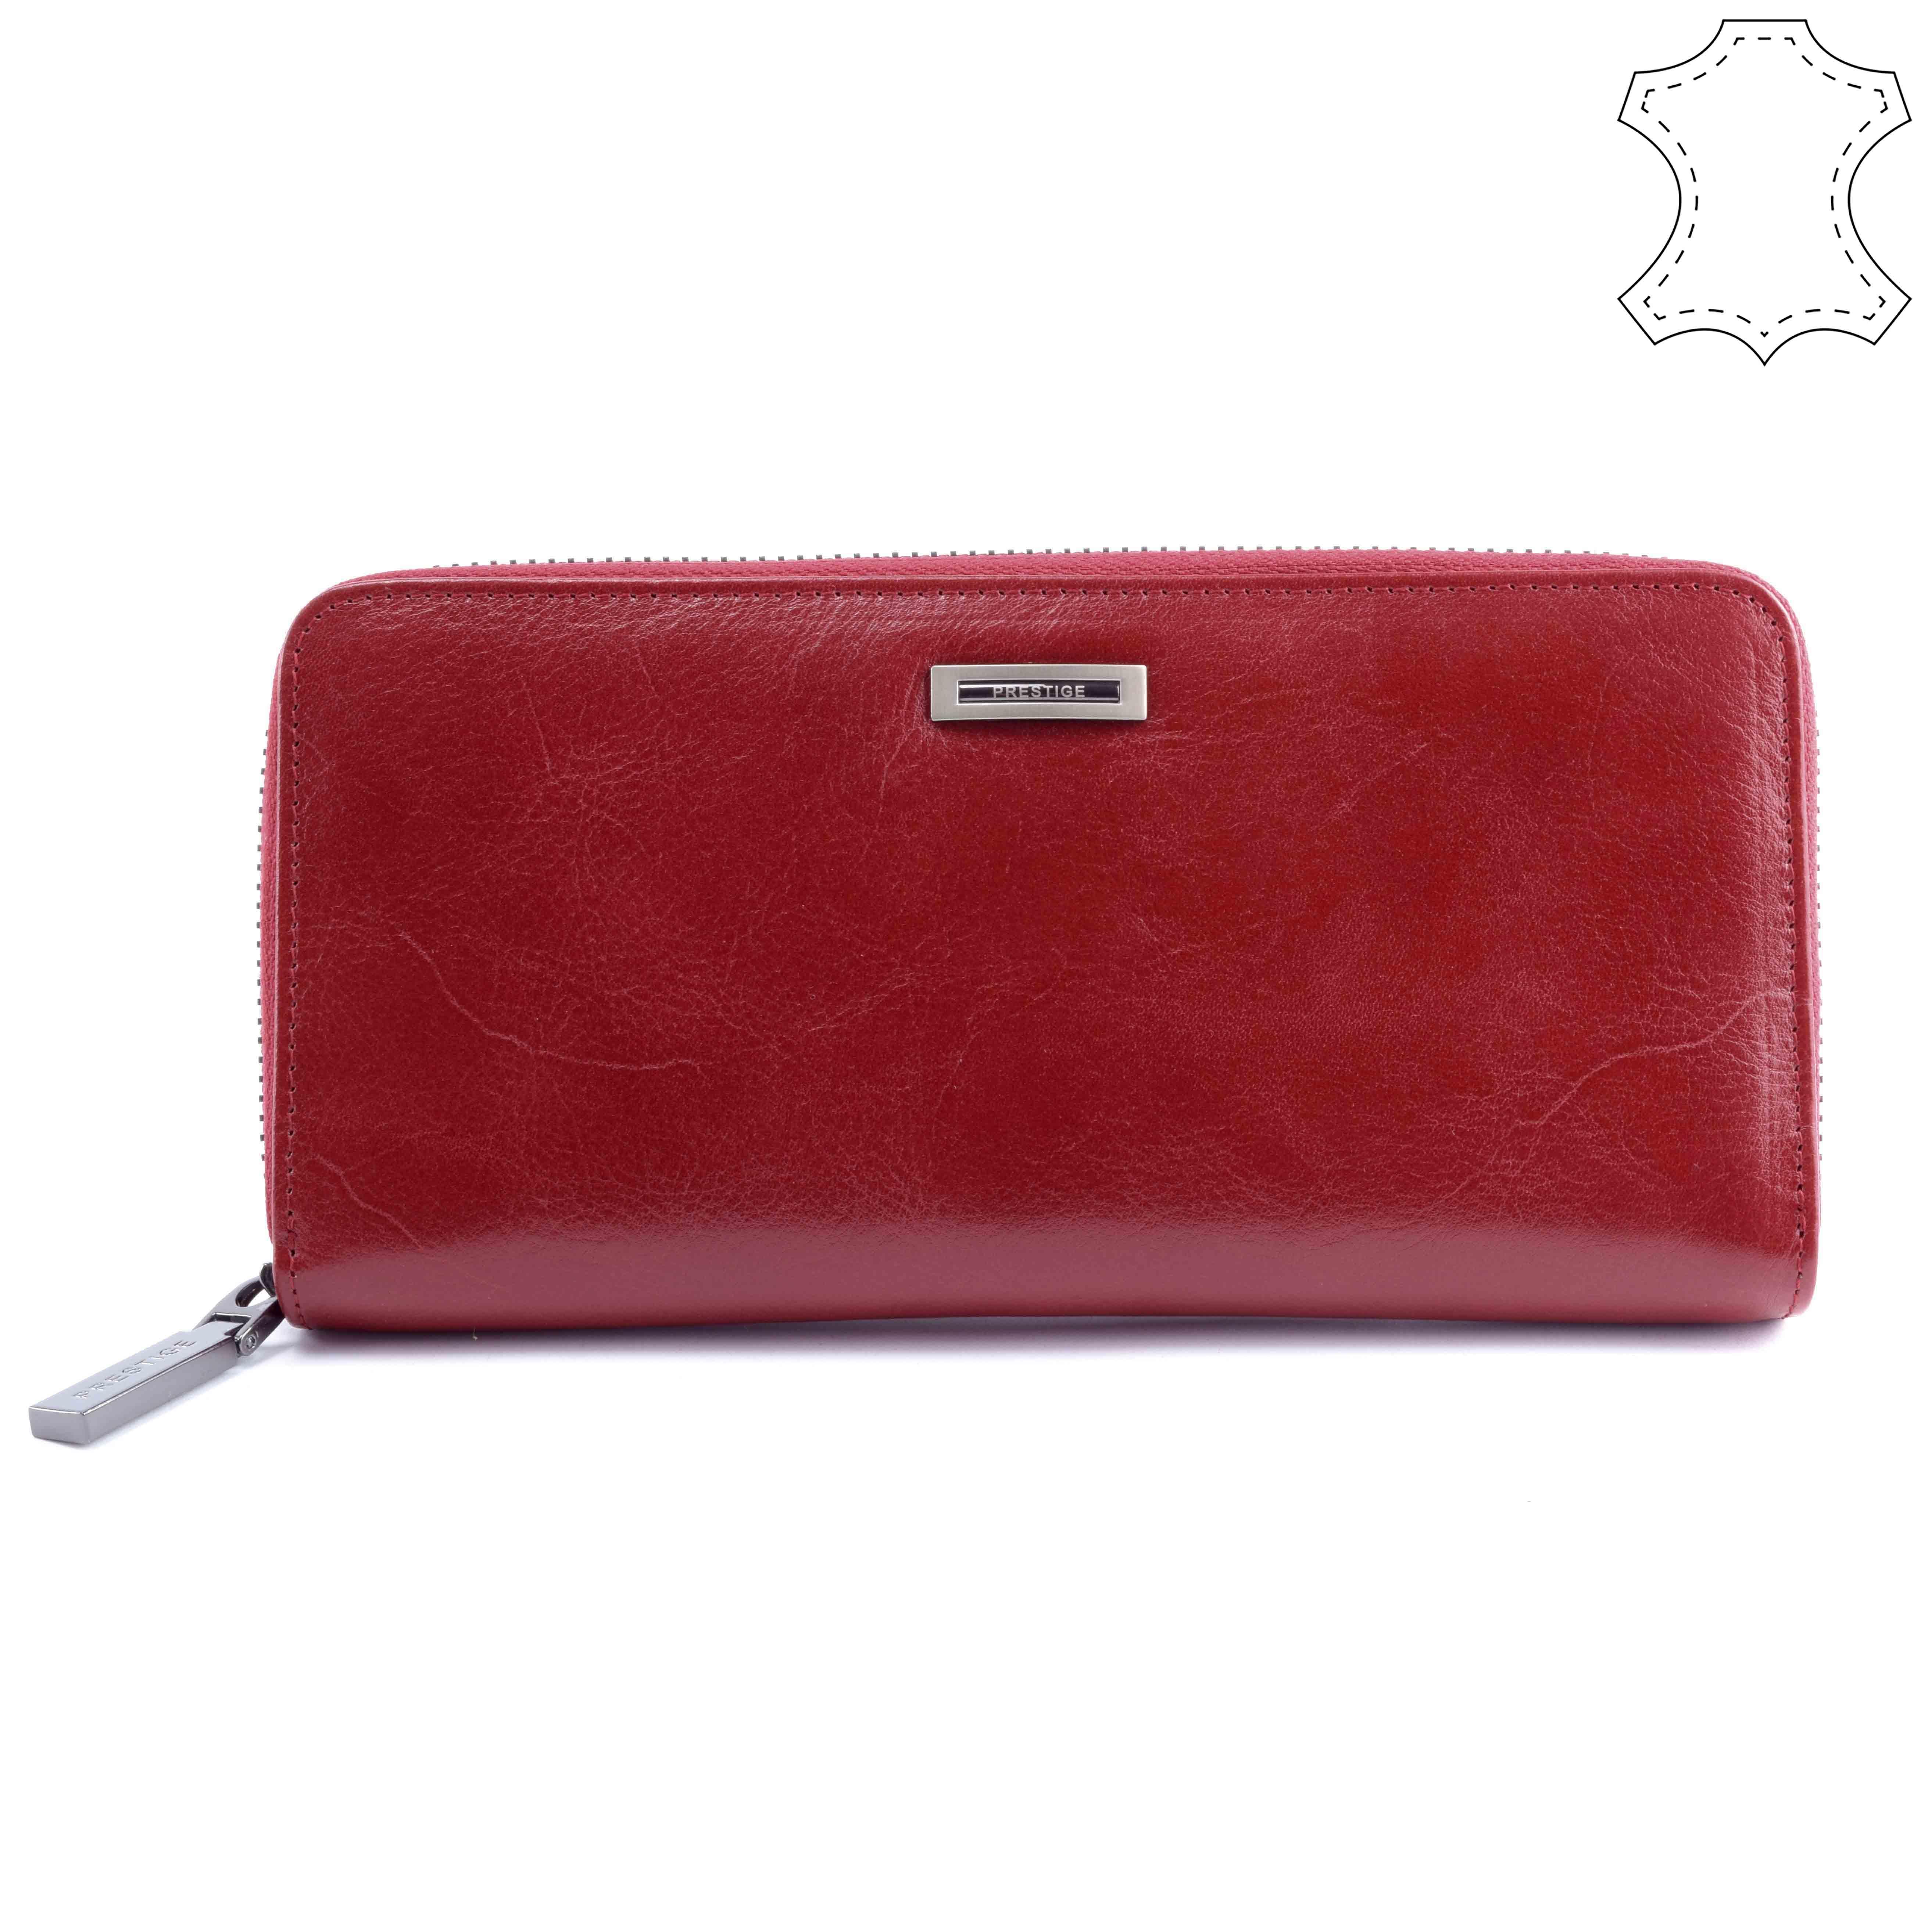 Prestige női piros bőr pénztárca - Prestige - Táska webáruház - Minőségi  táskák mindenkinek 301b8d94da